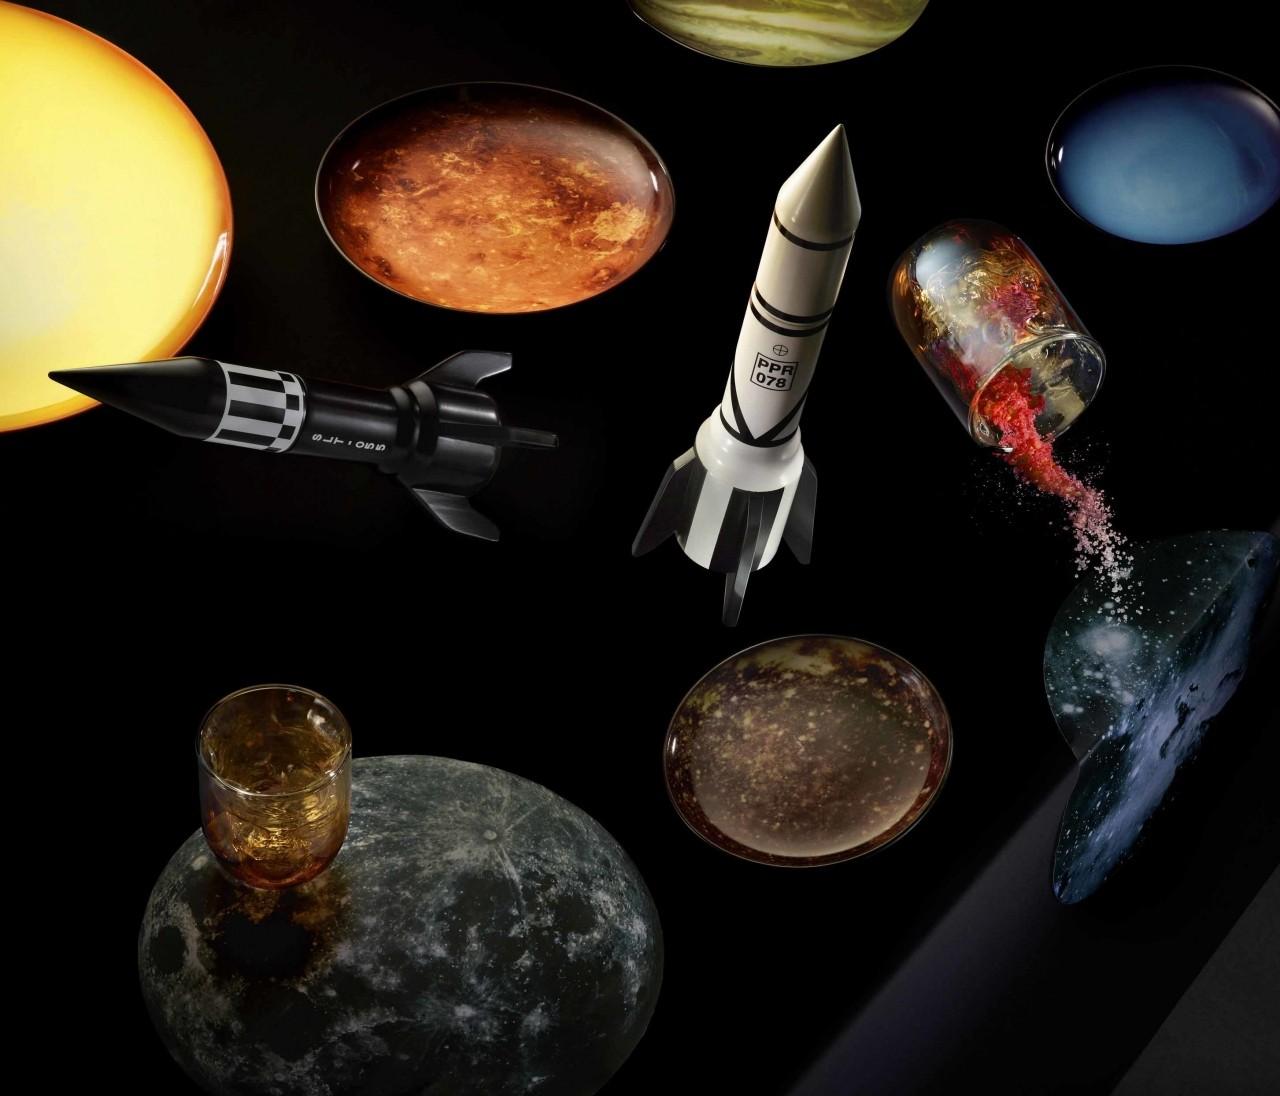 【ディーゼル】食卓が宇宙に!? COSMIC DINER発売スタート